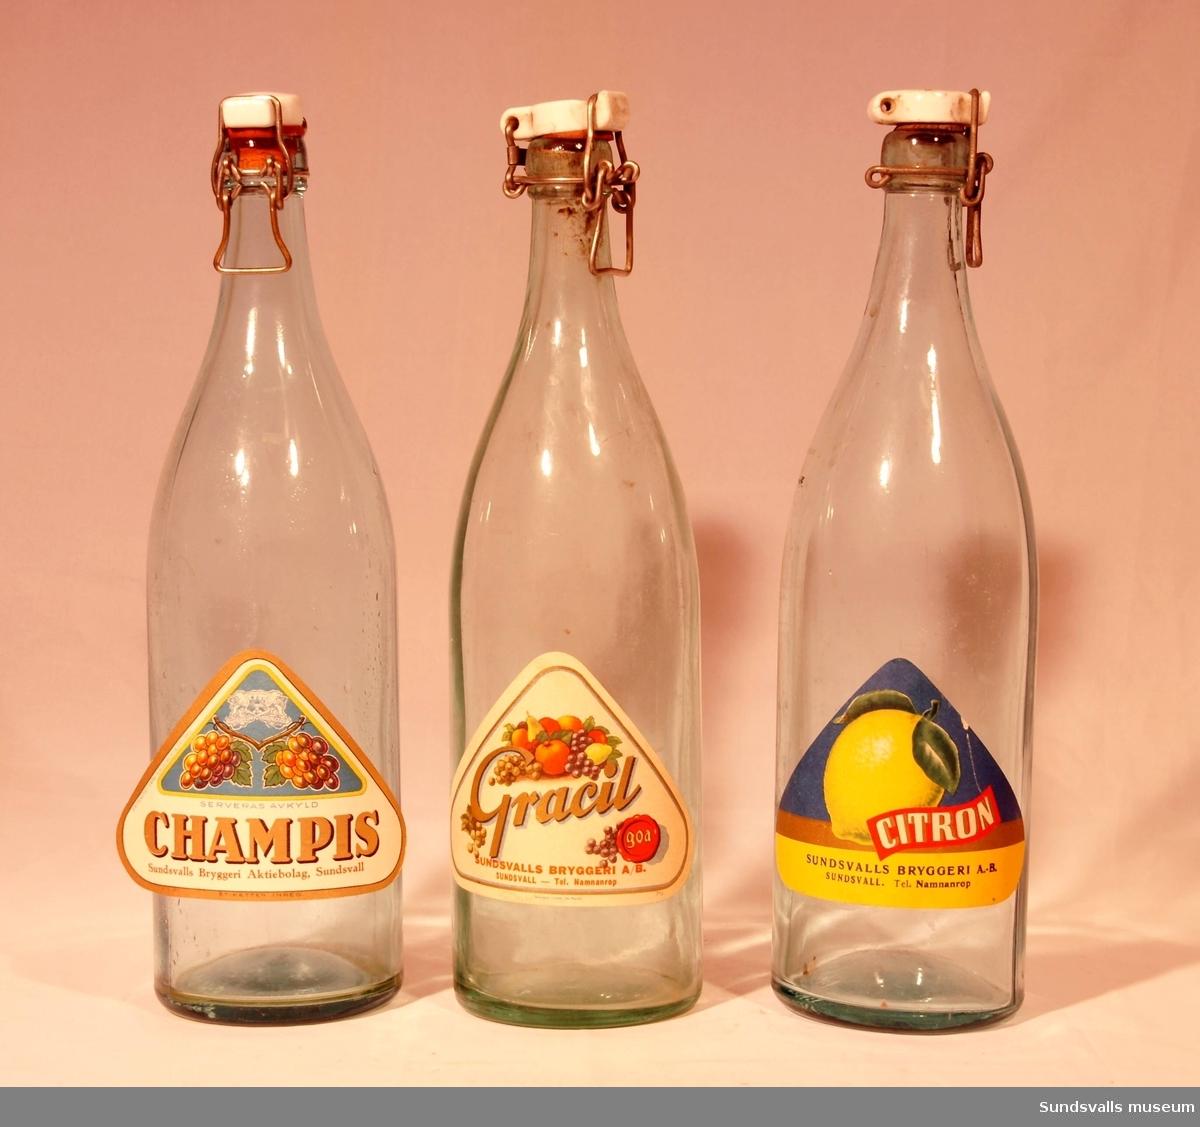 SuM 4944:1-3 tre flaskor med patentkork från Sundsvalls Bryggeri AB. SuM 4944:1 är försedd med en trekantig etikett med texten 'CITRON, SUNDSVALLS BRYGGERI A.-B. SUNDSVALL. Tel. Namnanrop'. SuM 4944:2 har texten 'GRACIL, goa, SUNDSVALLS BRYGGERI A/B SUNDSVALL - Tel. Namnanrop'. Etiketten är tillverkat hos Skånska Litogr. AB i Malmö. SuM 4944:3 har en trekantig etikett med texten 'SERVERAS AVKYLD, CHAMPIS, Sundsvalls Bryggeri Aktiebolag, Sundsvall, ETIKETTEN INREG., EXTRAKTET FRÅN AB ROBERTS ÖREBRO'.